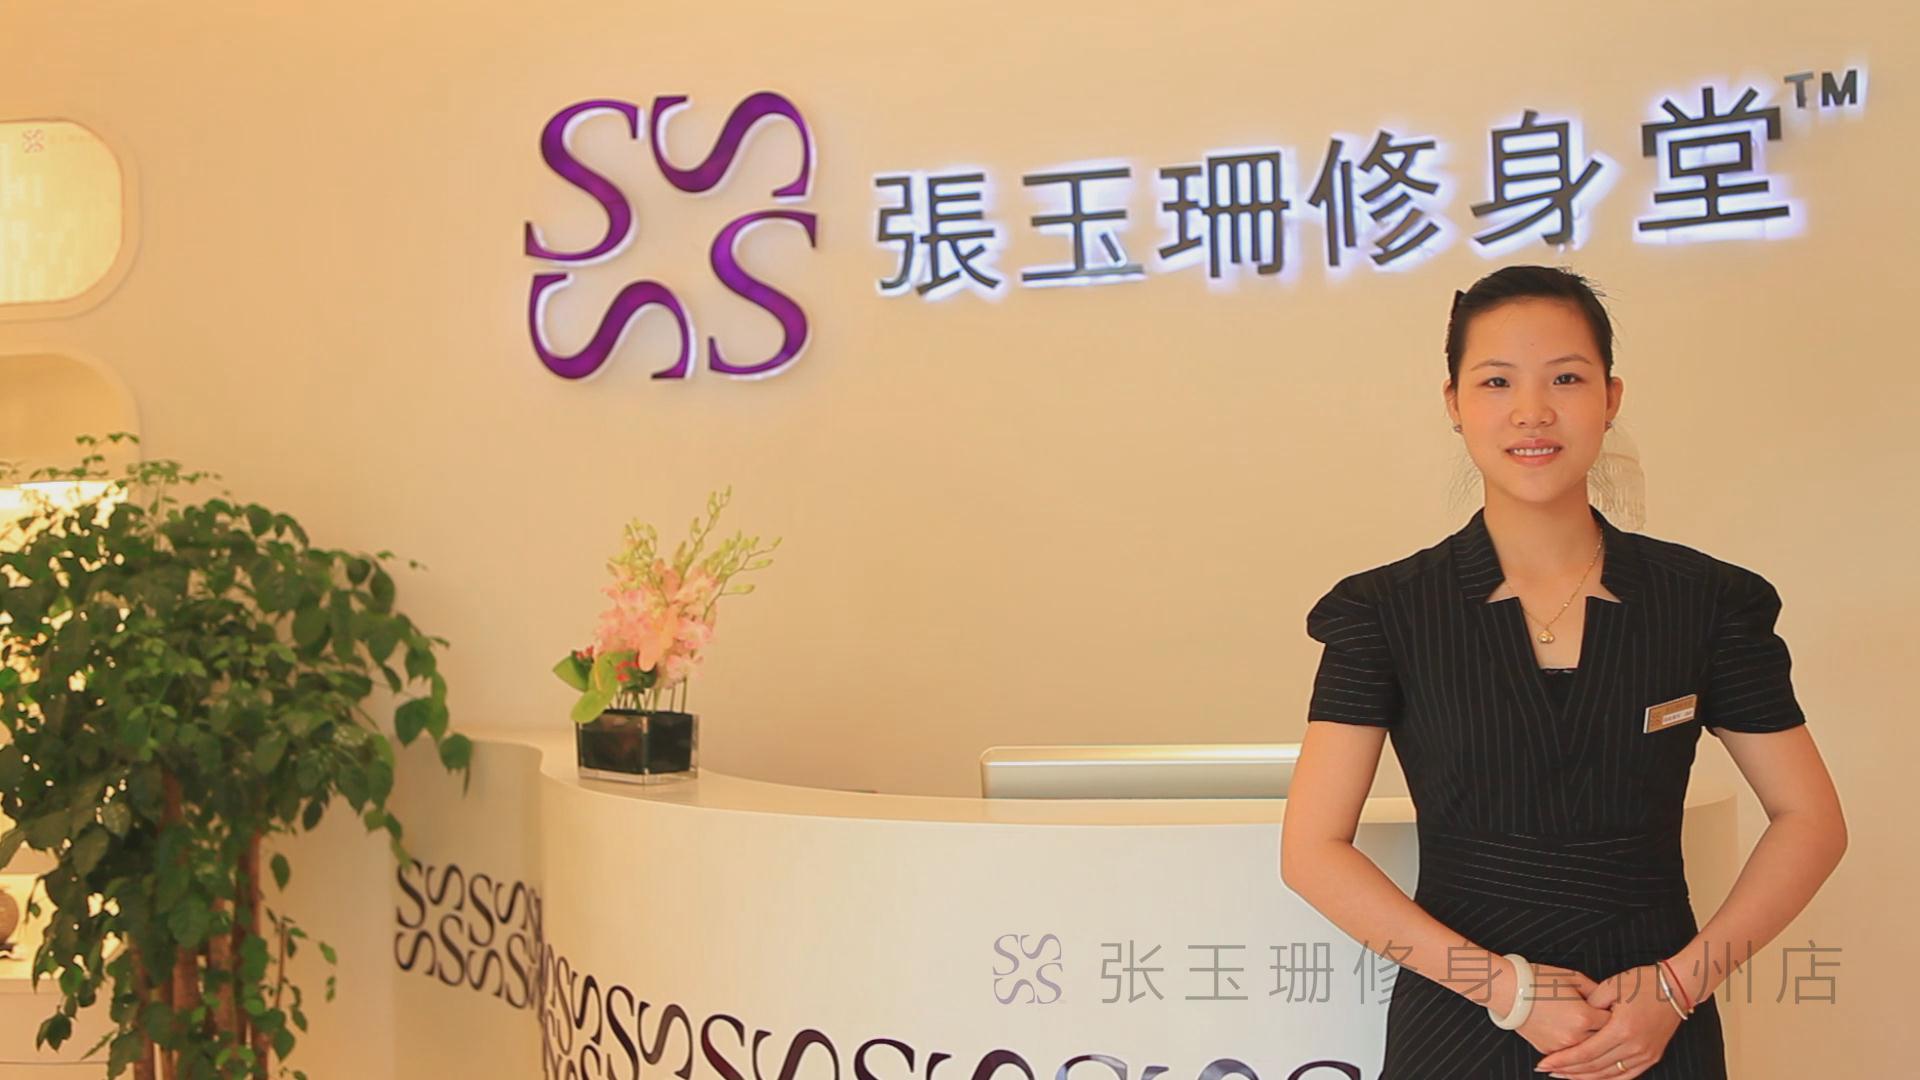 张玉珊修身堂杭州上城区纤美店 张玉珊修身堂 品牌形象图片